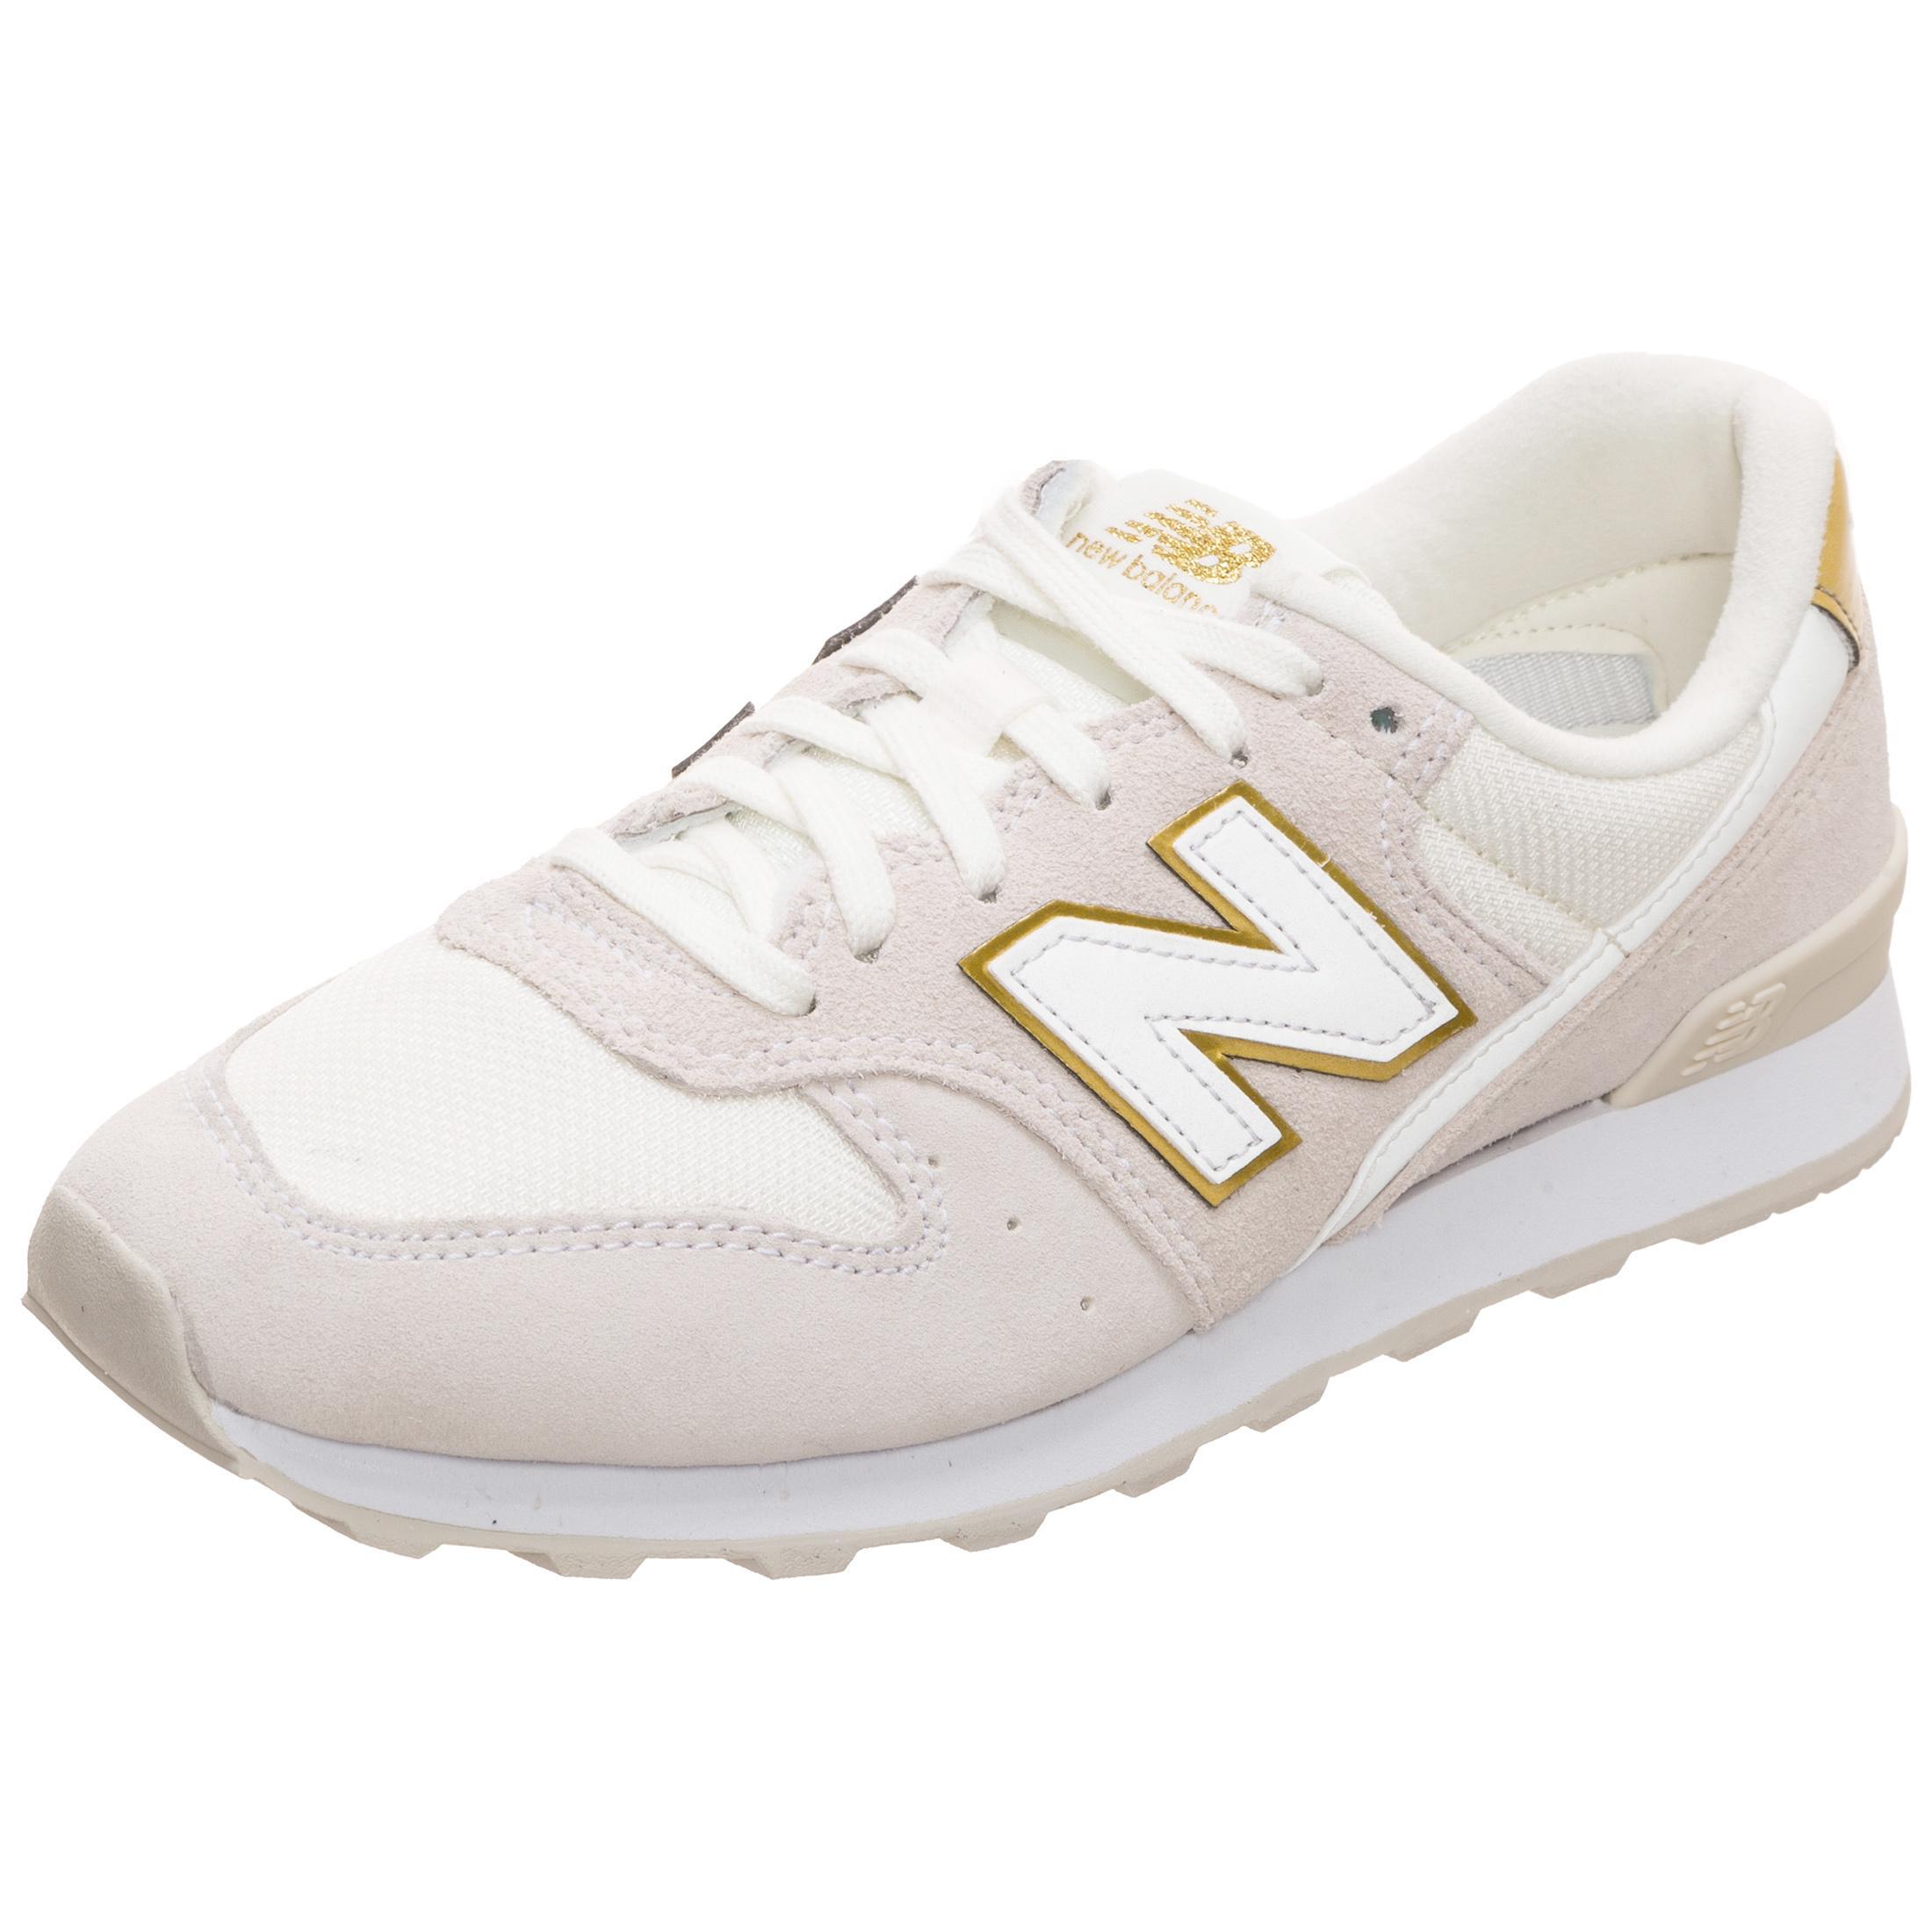 brand new a77c2 b6878 NEW BALANCE WR996-FSM-D Sneaker Damen beige / gold im Online Shop von  SportScheck kaufen